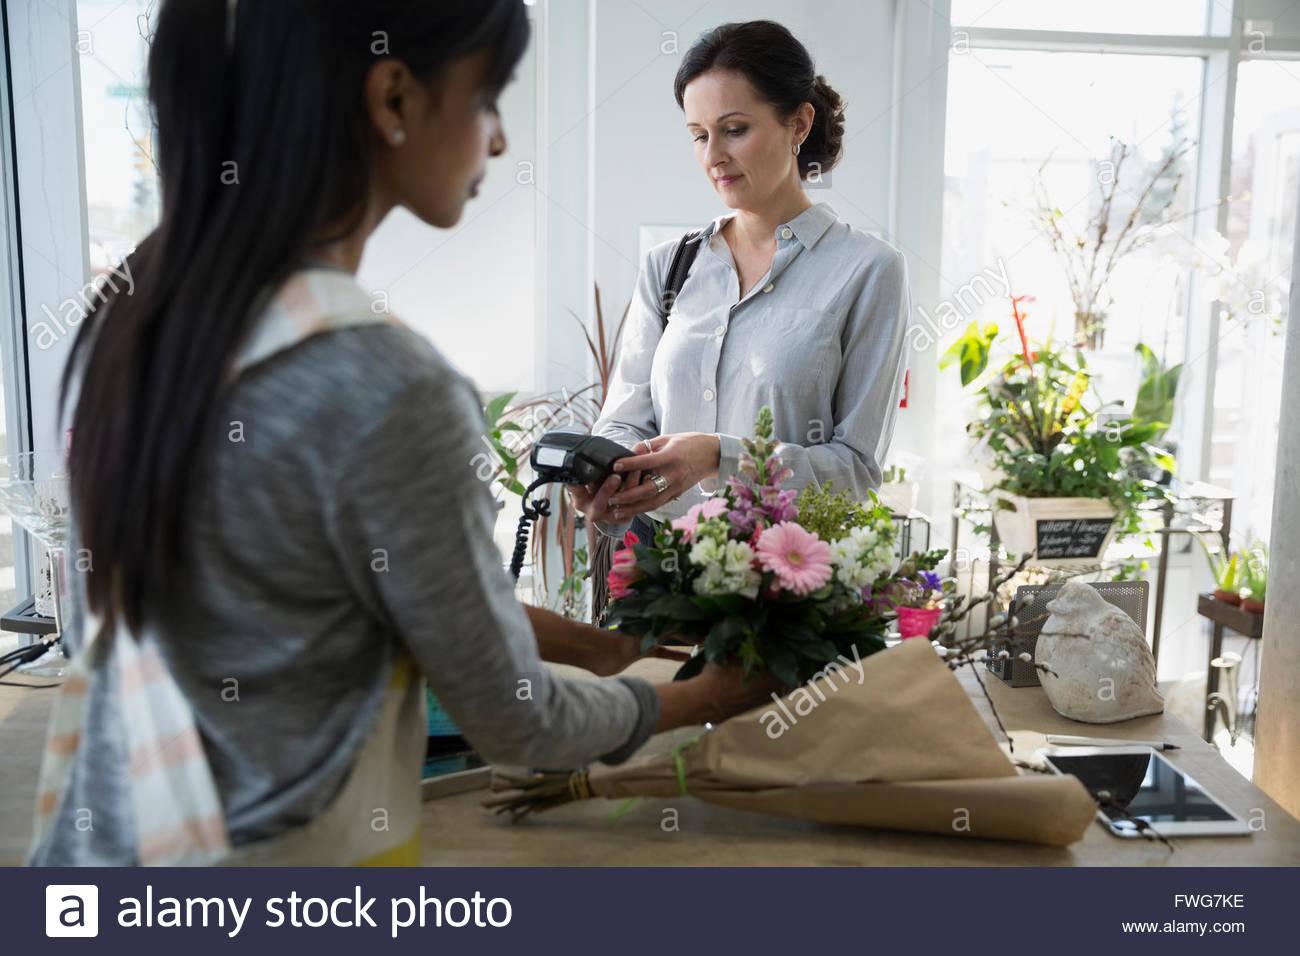 Donna pagando con carta di credito macchina negozio di fiori Immagini Stock